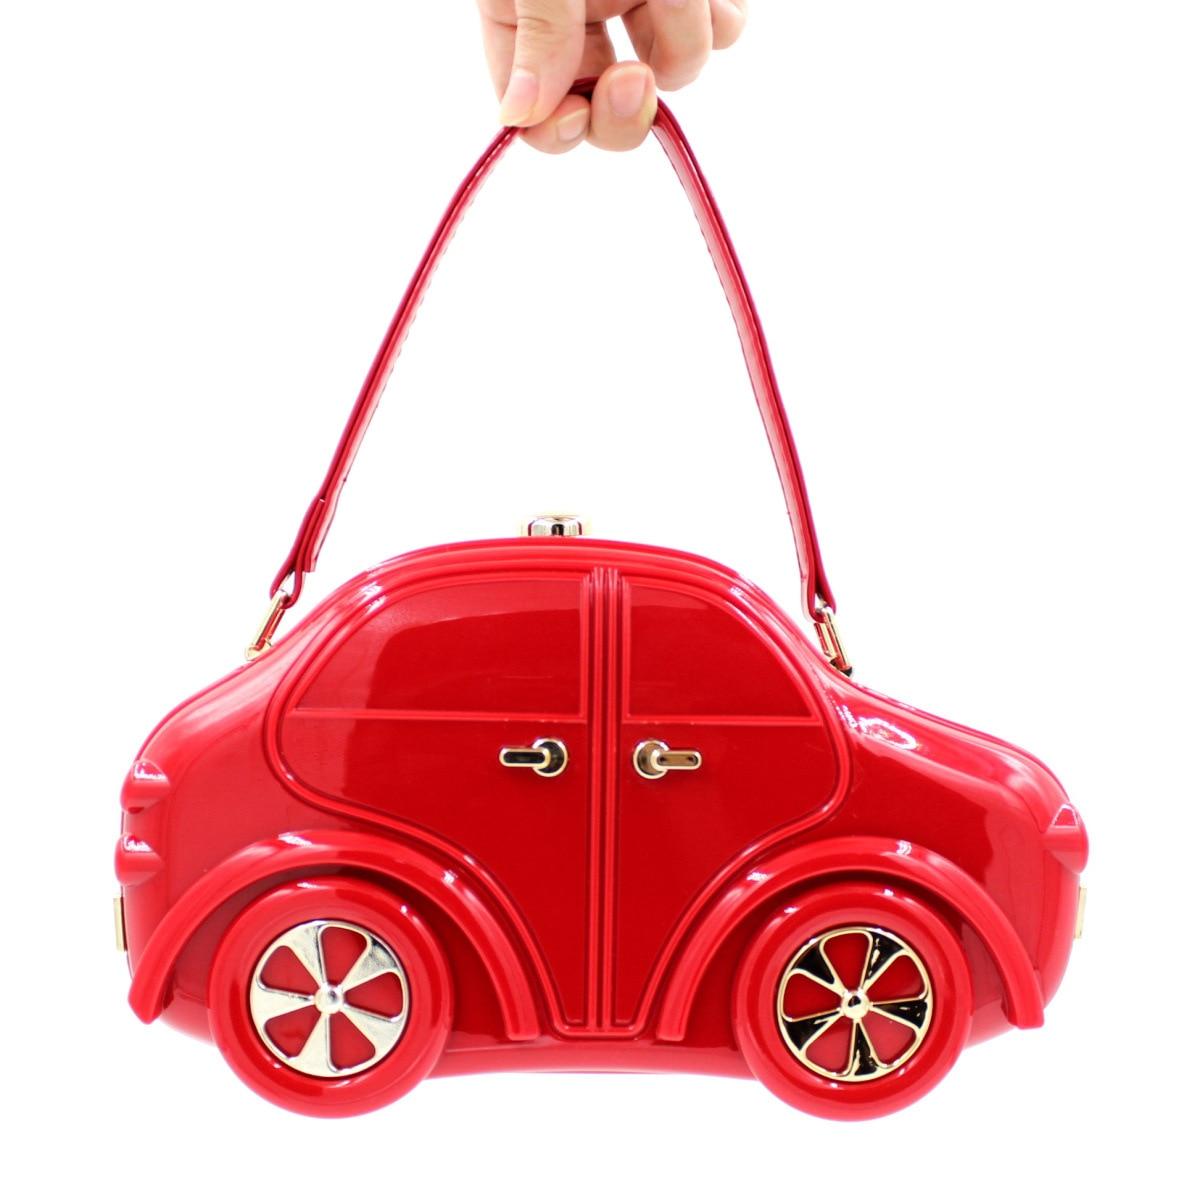 Bolsas حقائب اليد الماركات الشهيرة حقيبة يد سيارة أوروبية انفجار حزمة Yanbao عالية الجودة التصميم المنصة مأدبة حقيبة اليد